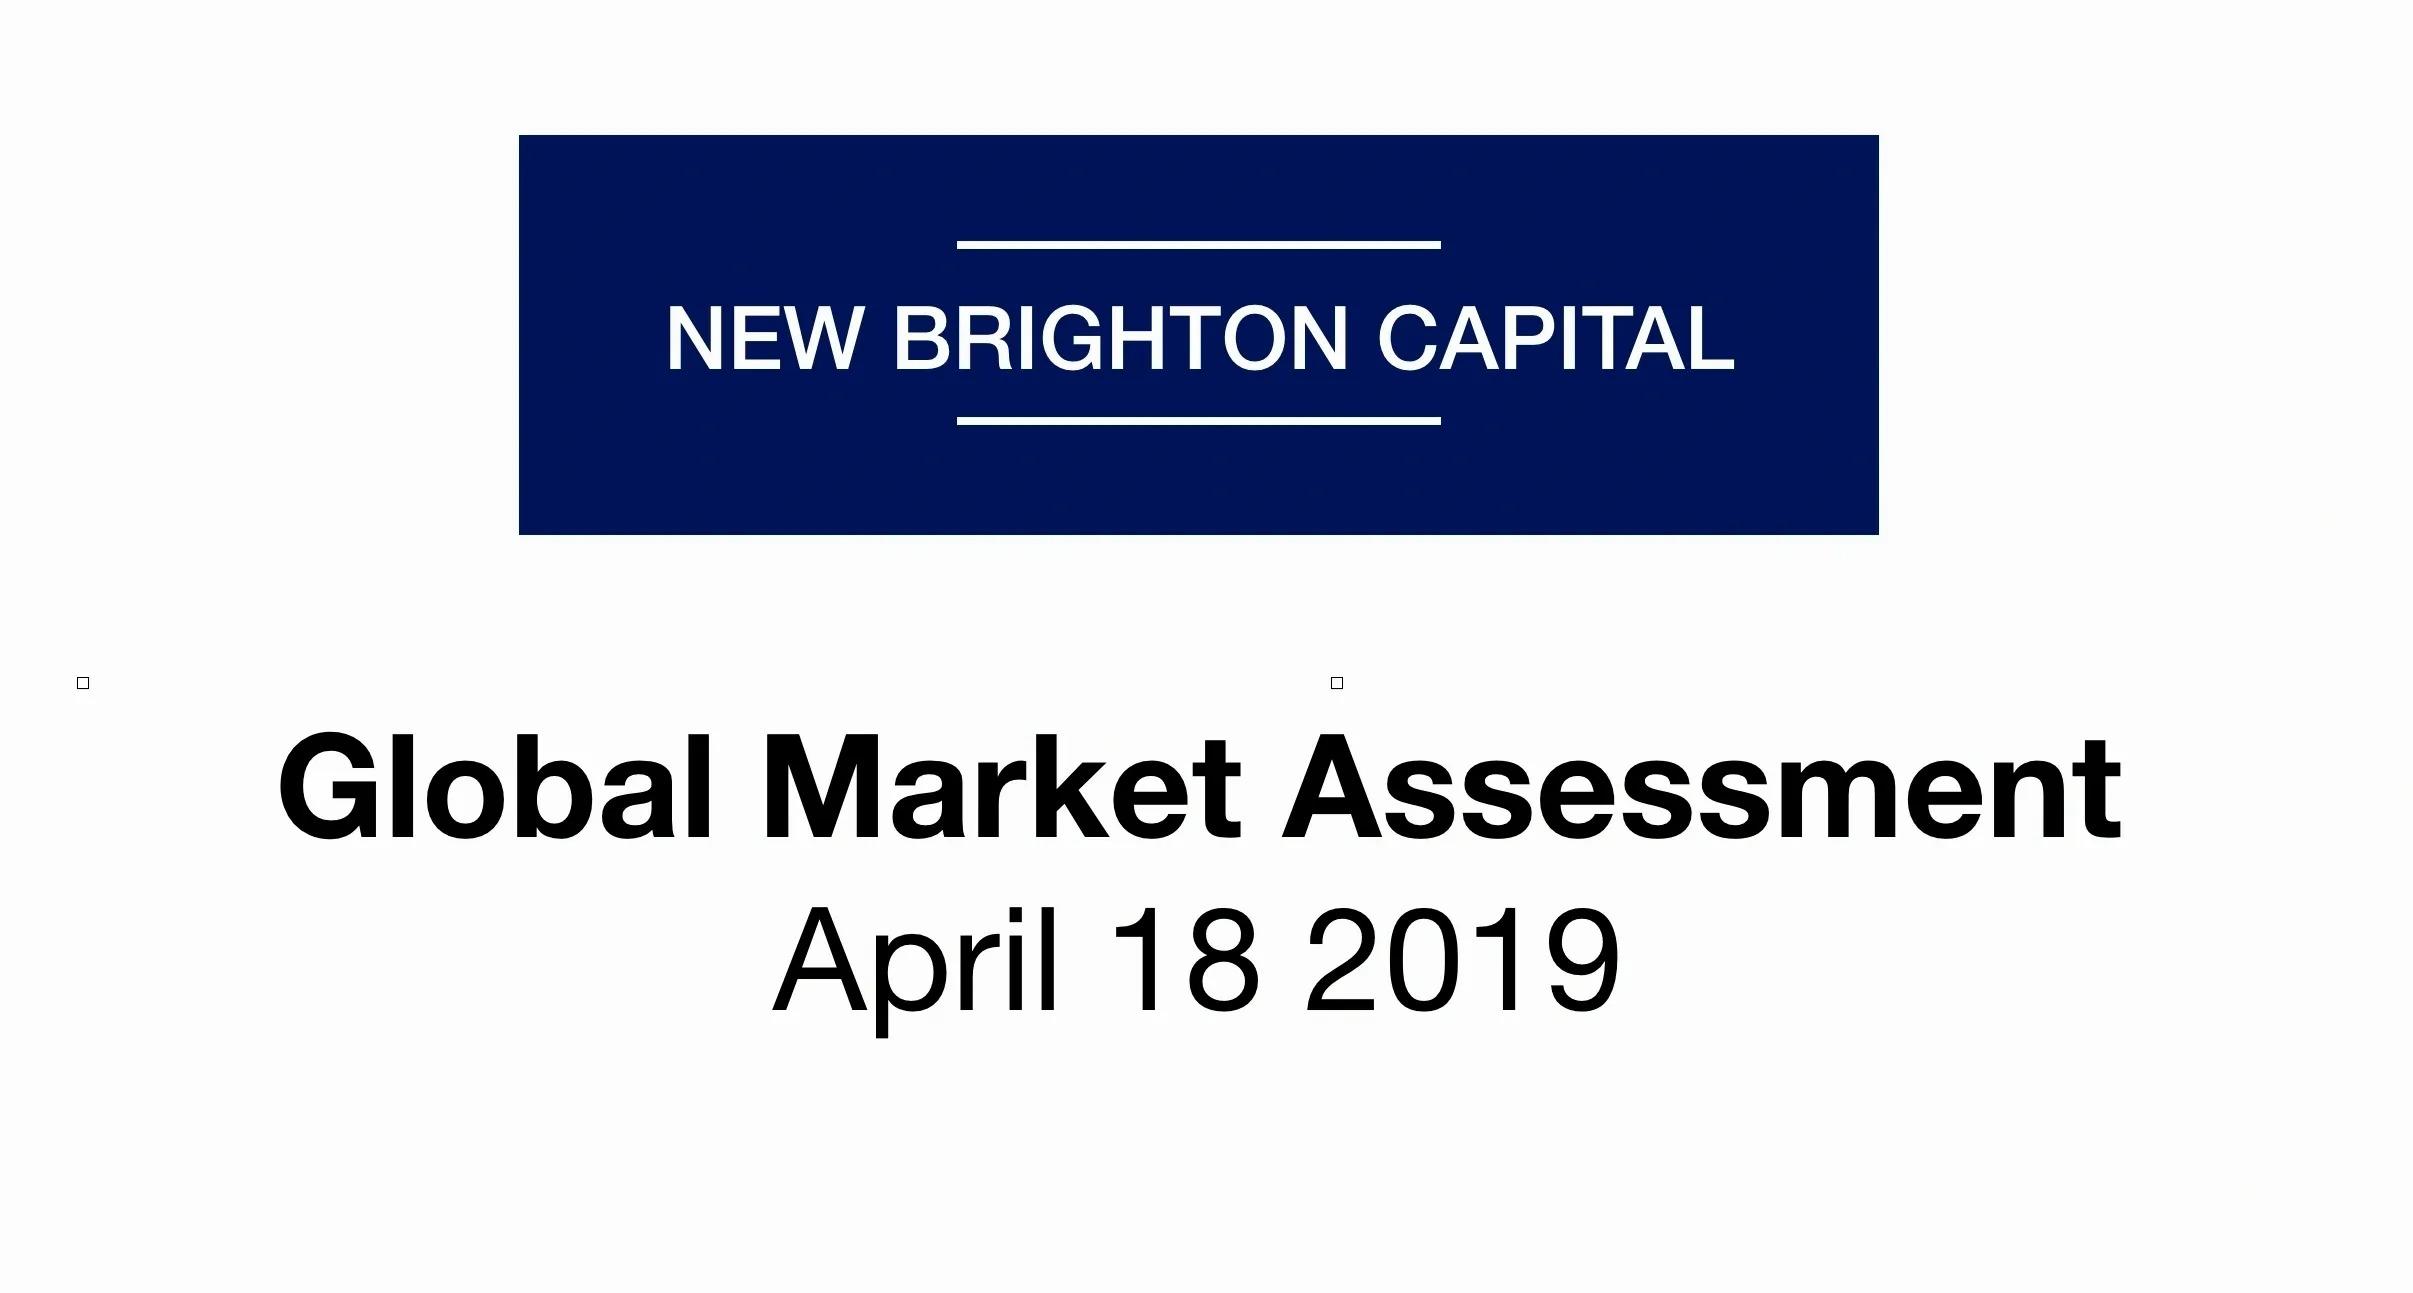 Global Market Assessment 18 April 2019